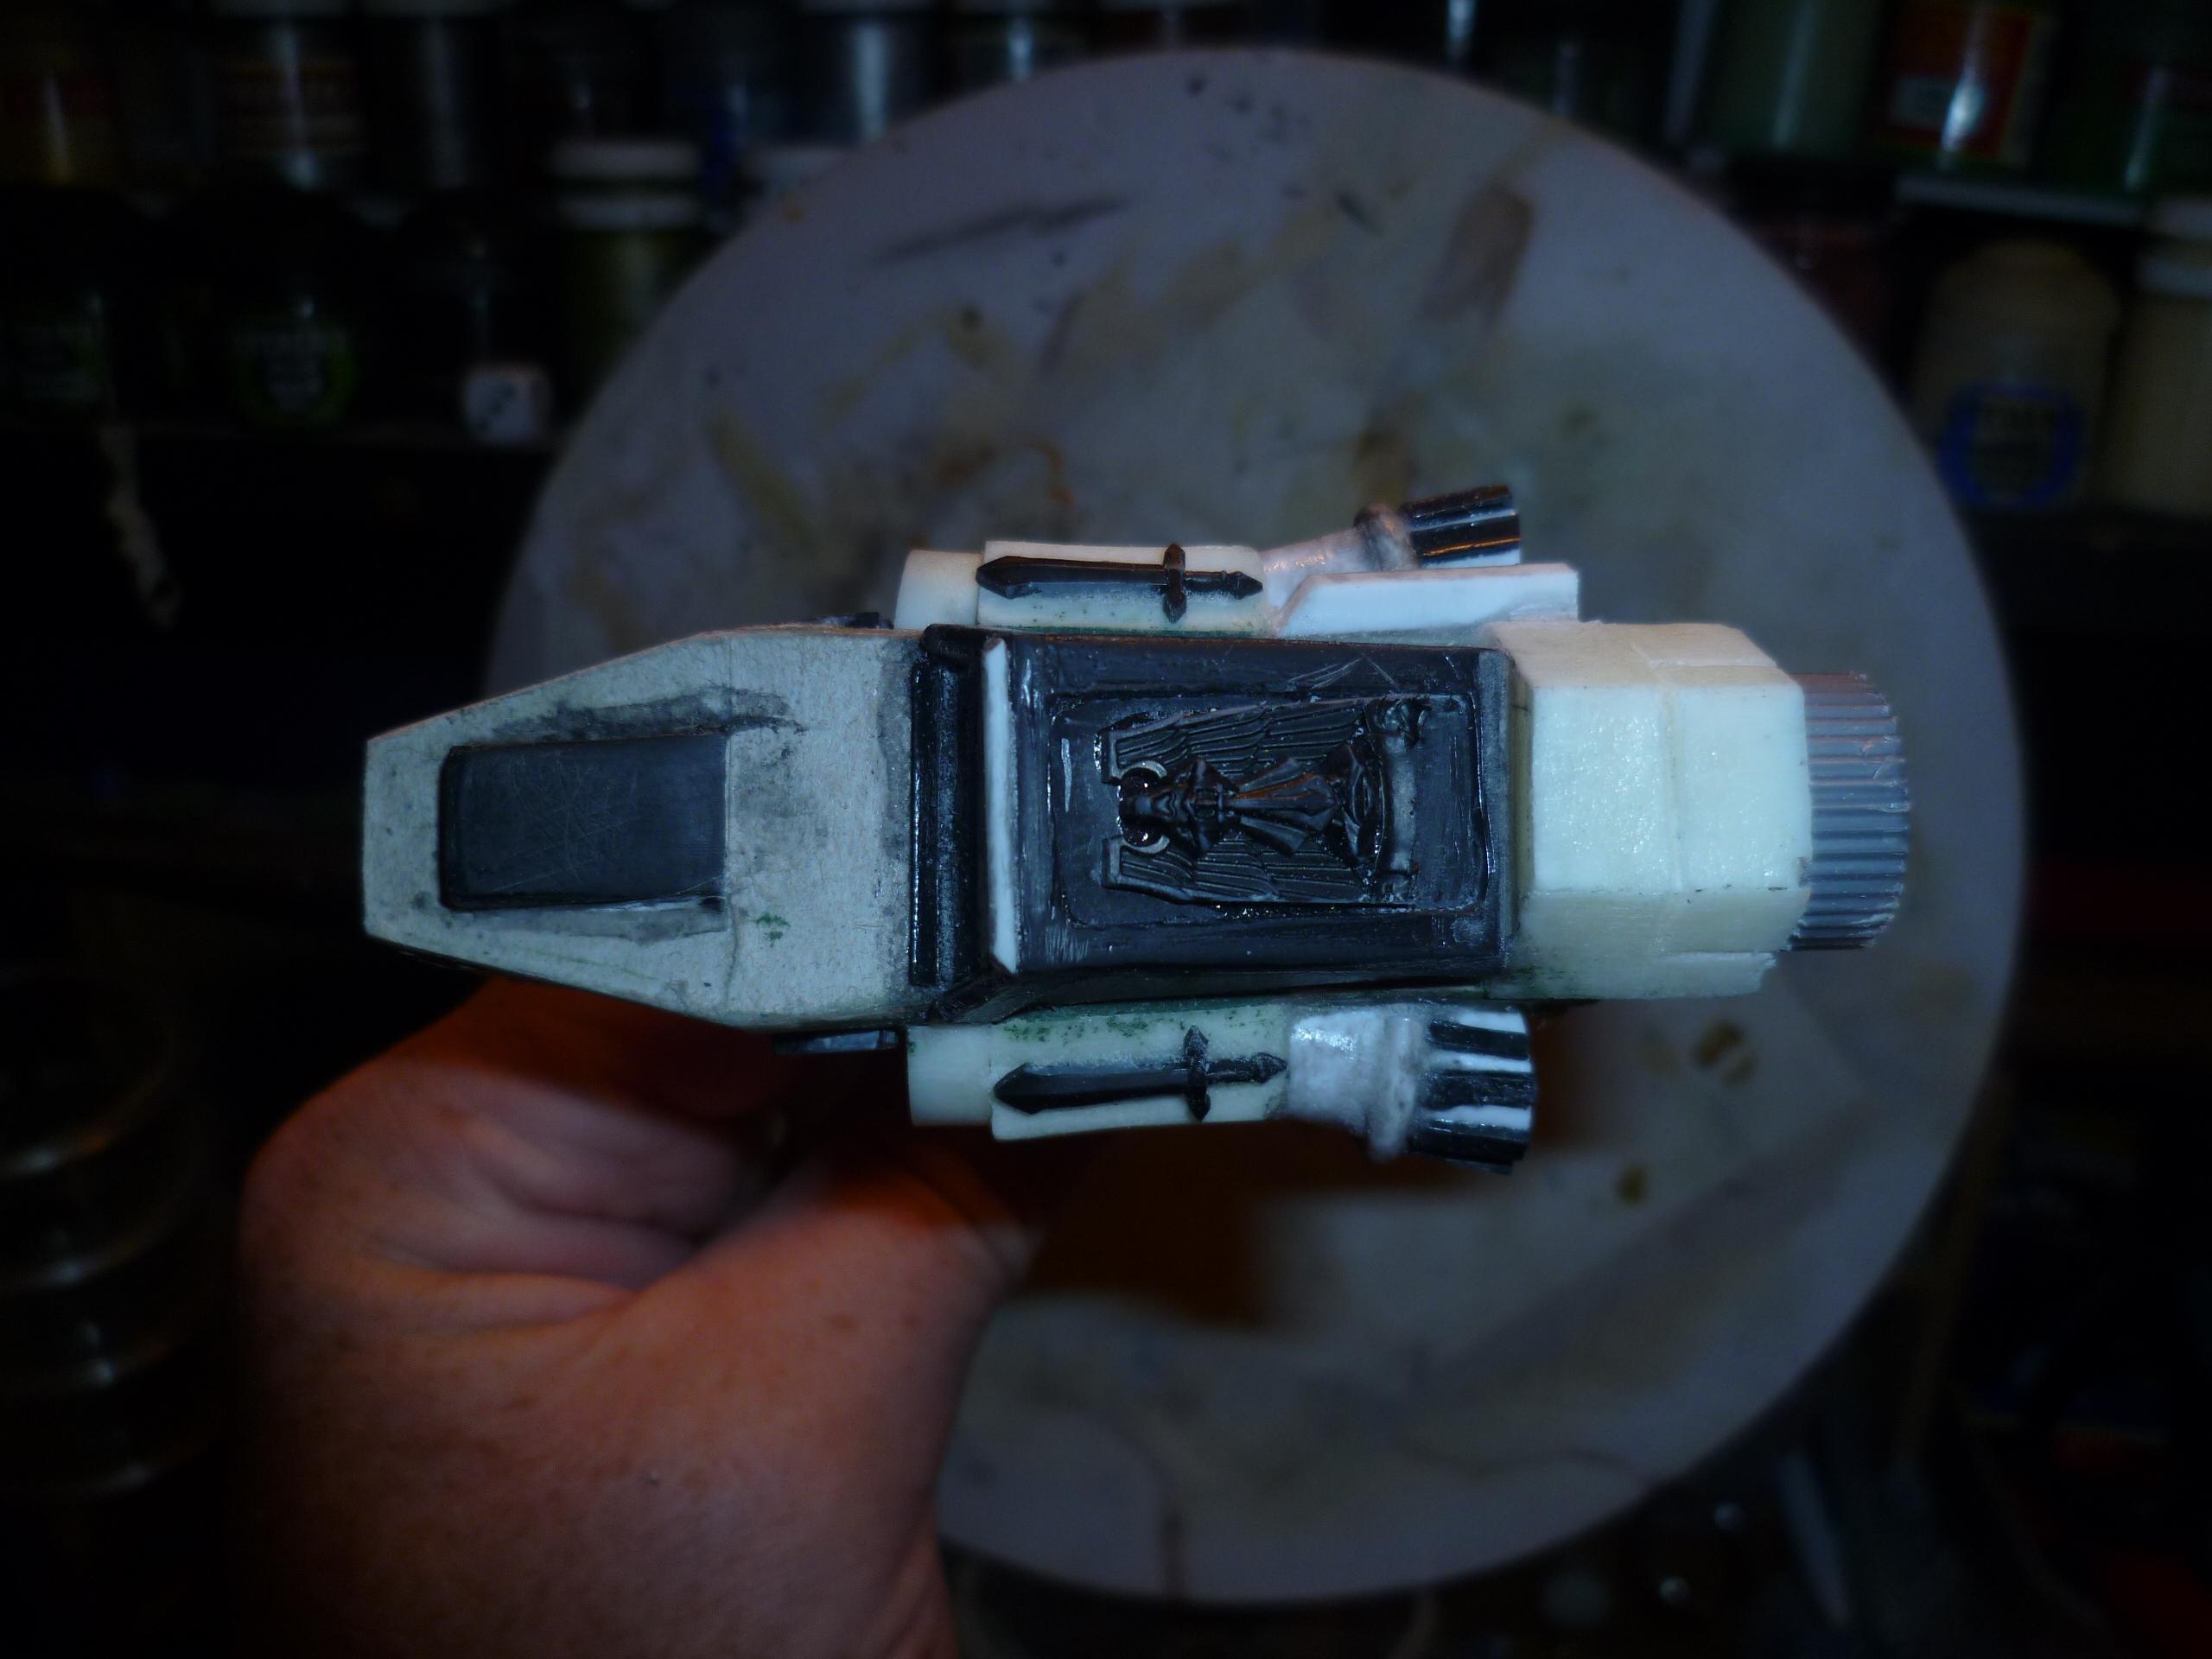 Imperial speeder!